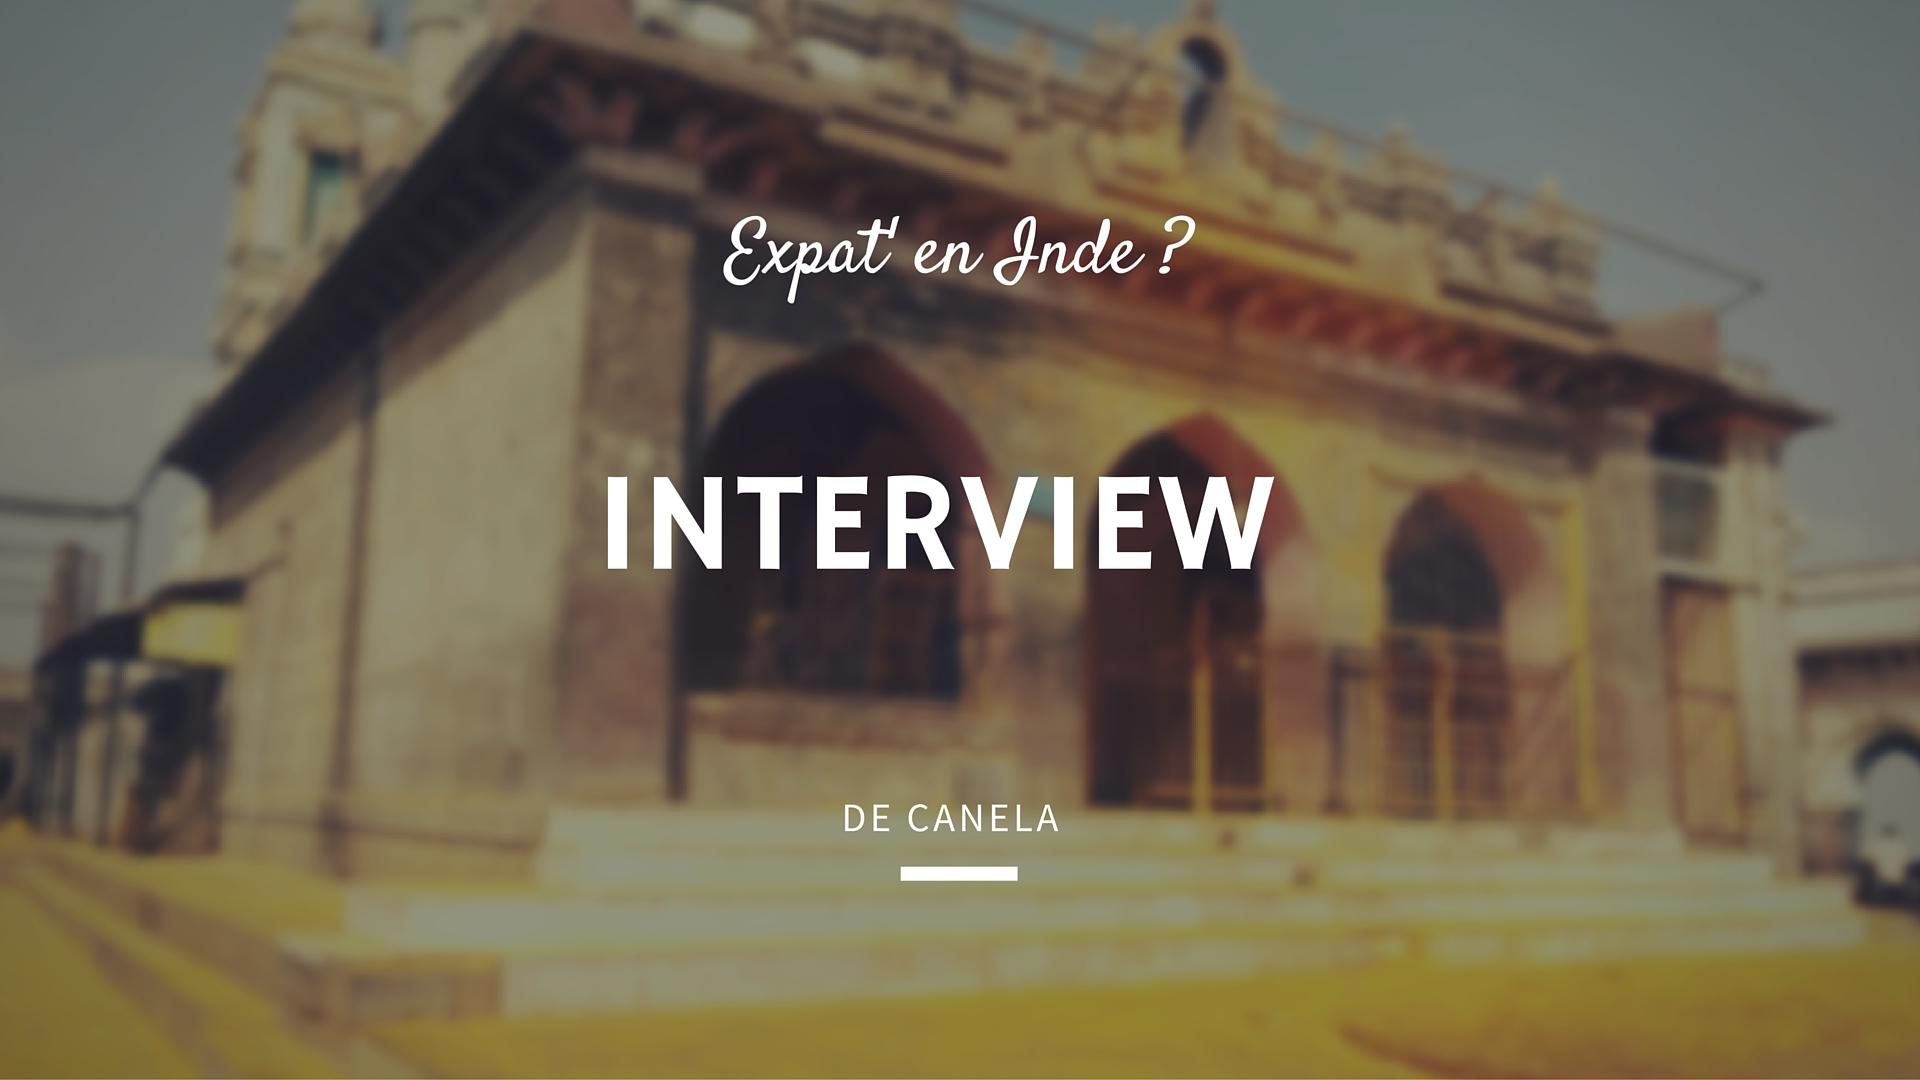 Interview de Canela : Expatriée en Inde !